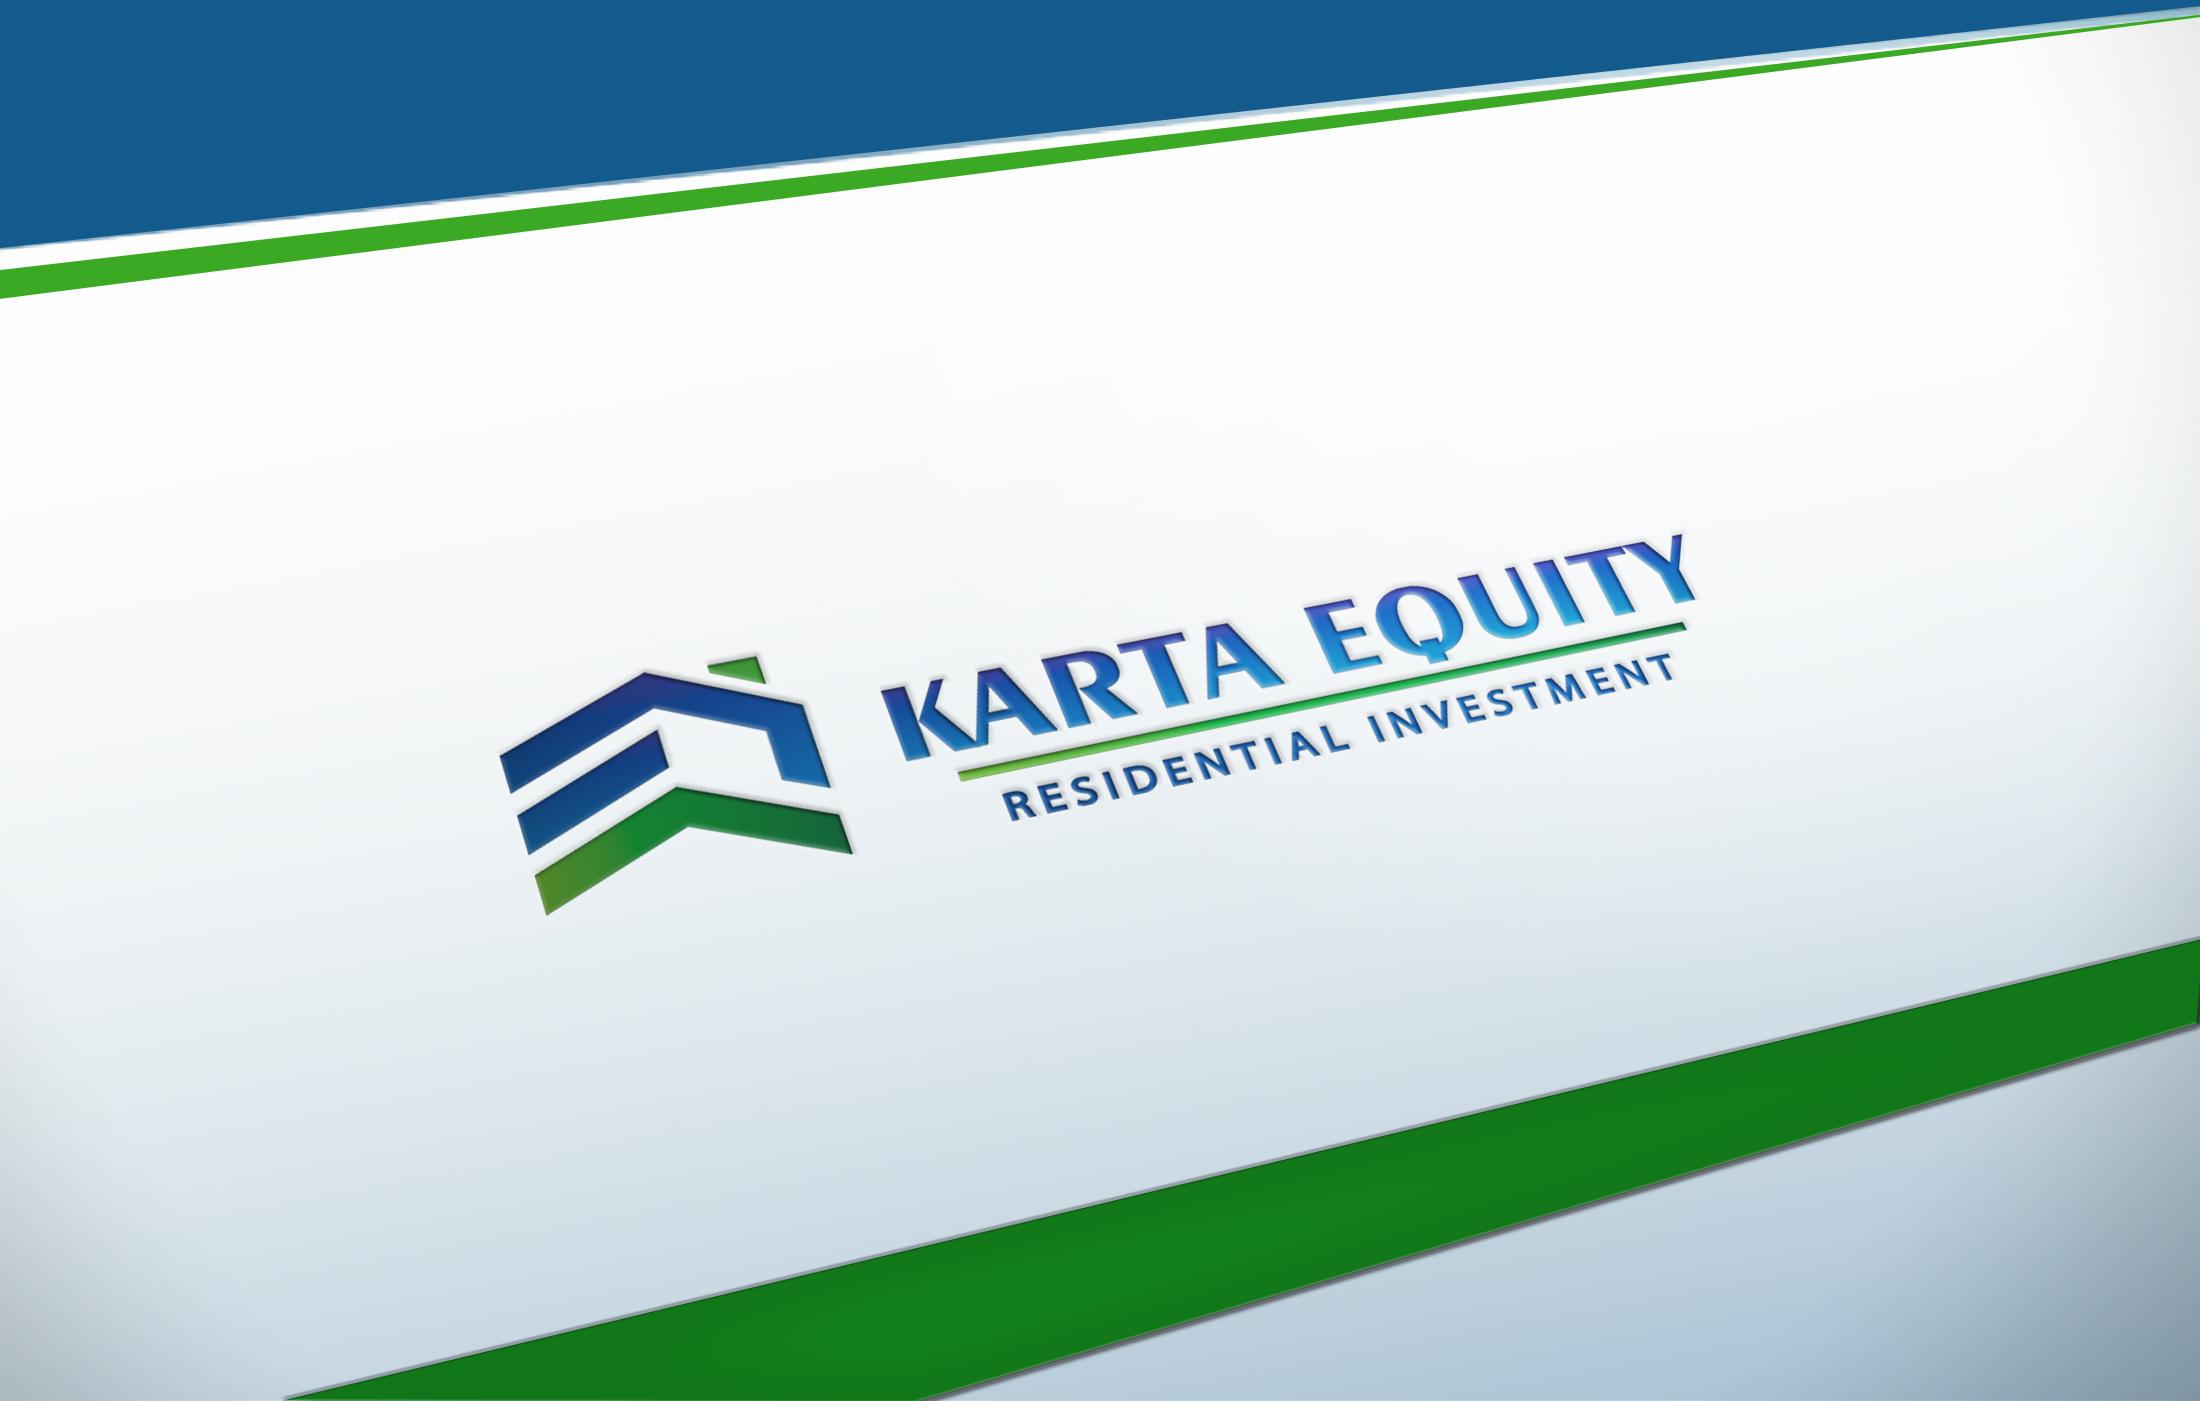 Логотип для компании инвестироваюшей в жилую недвижимость фото f_4175e1747d646875.jpg